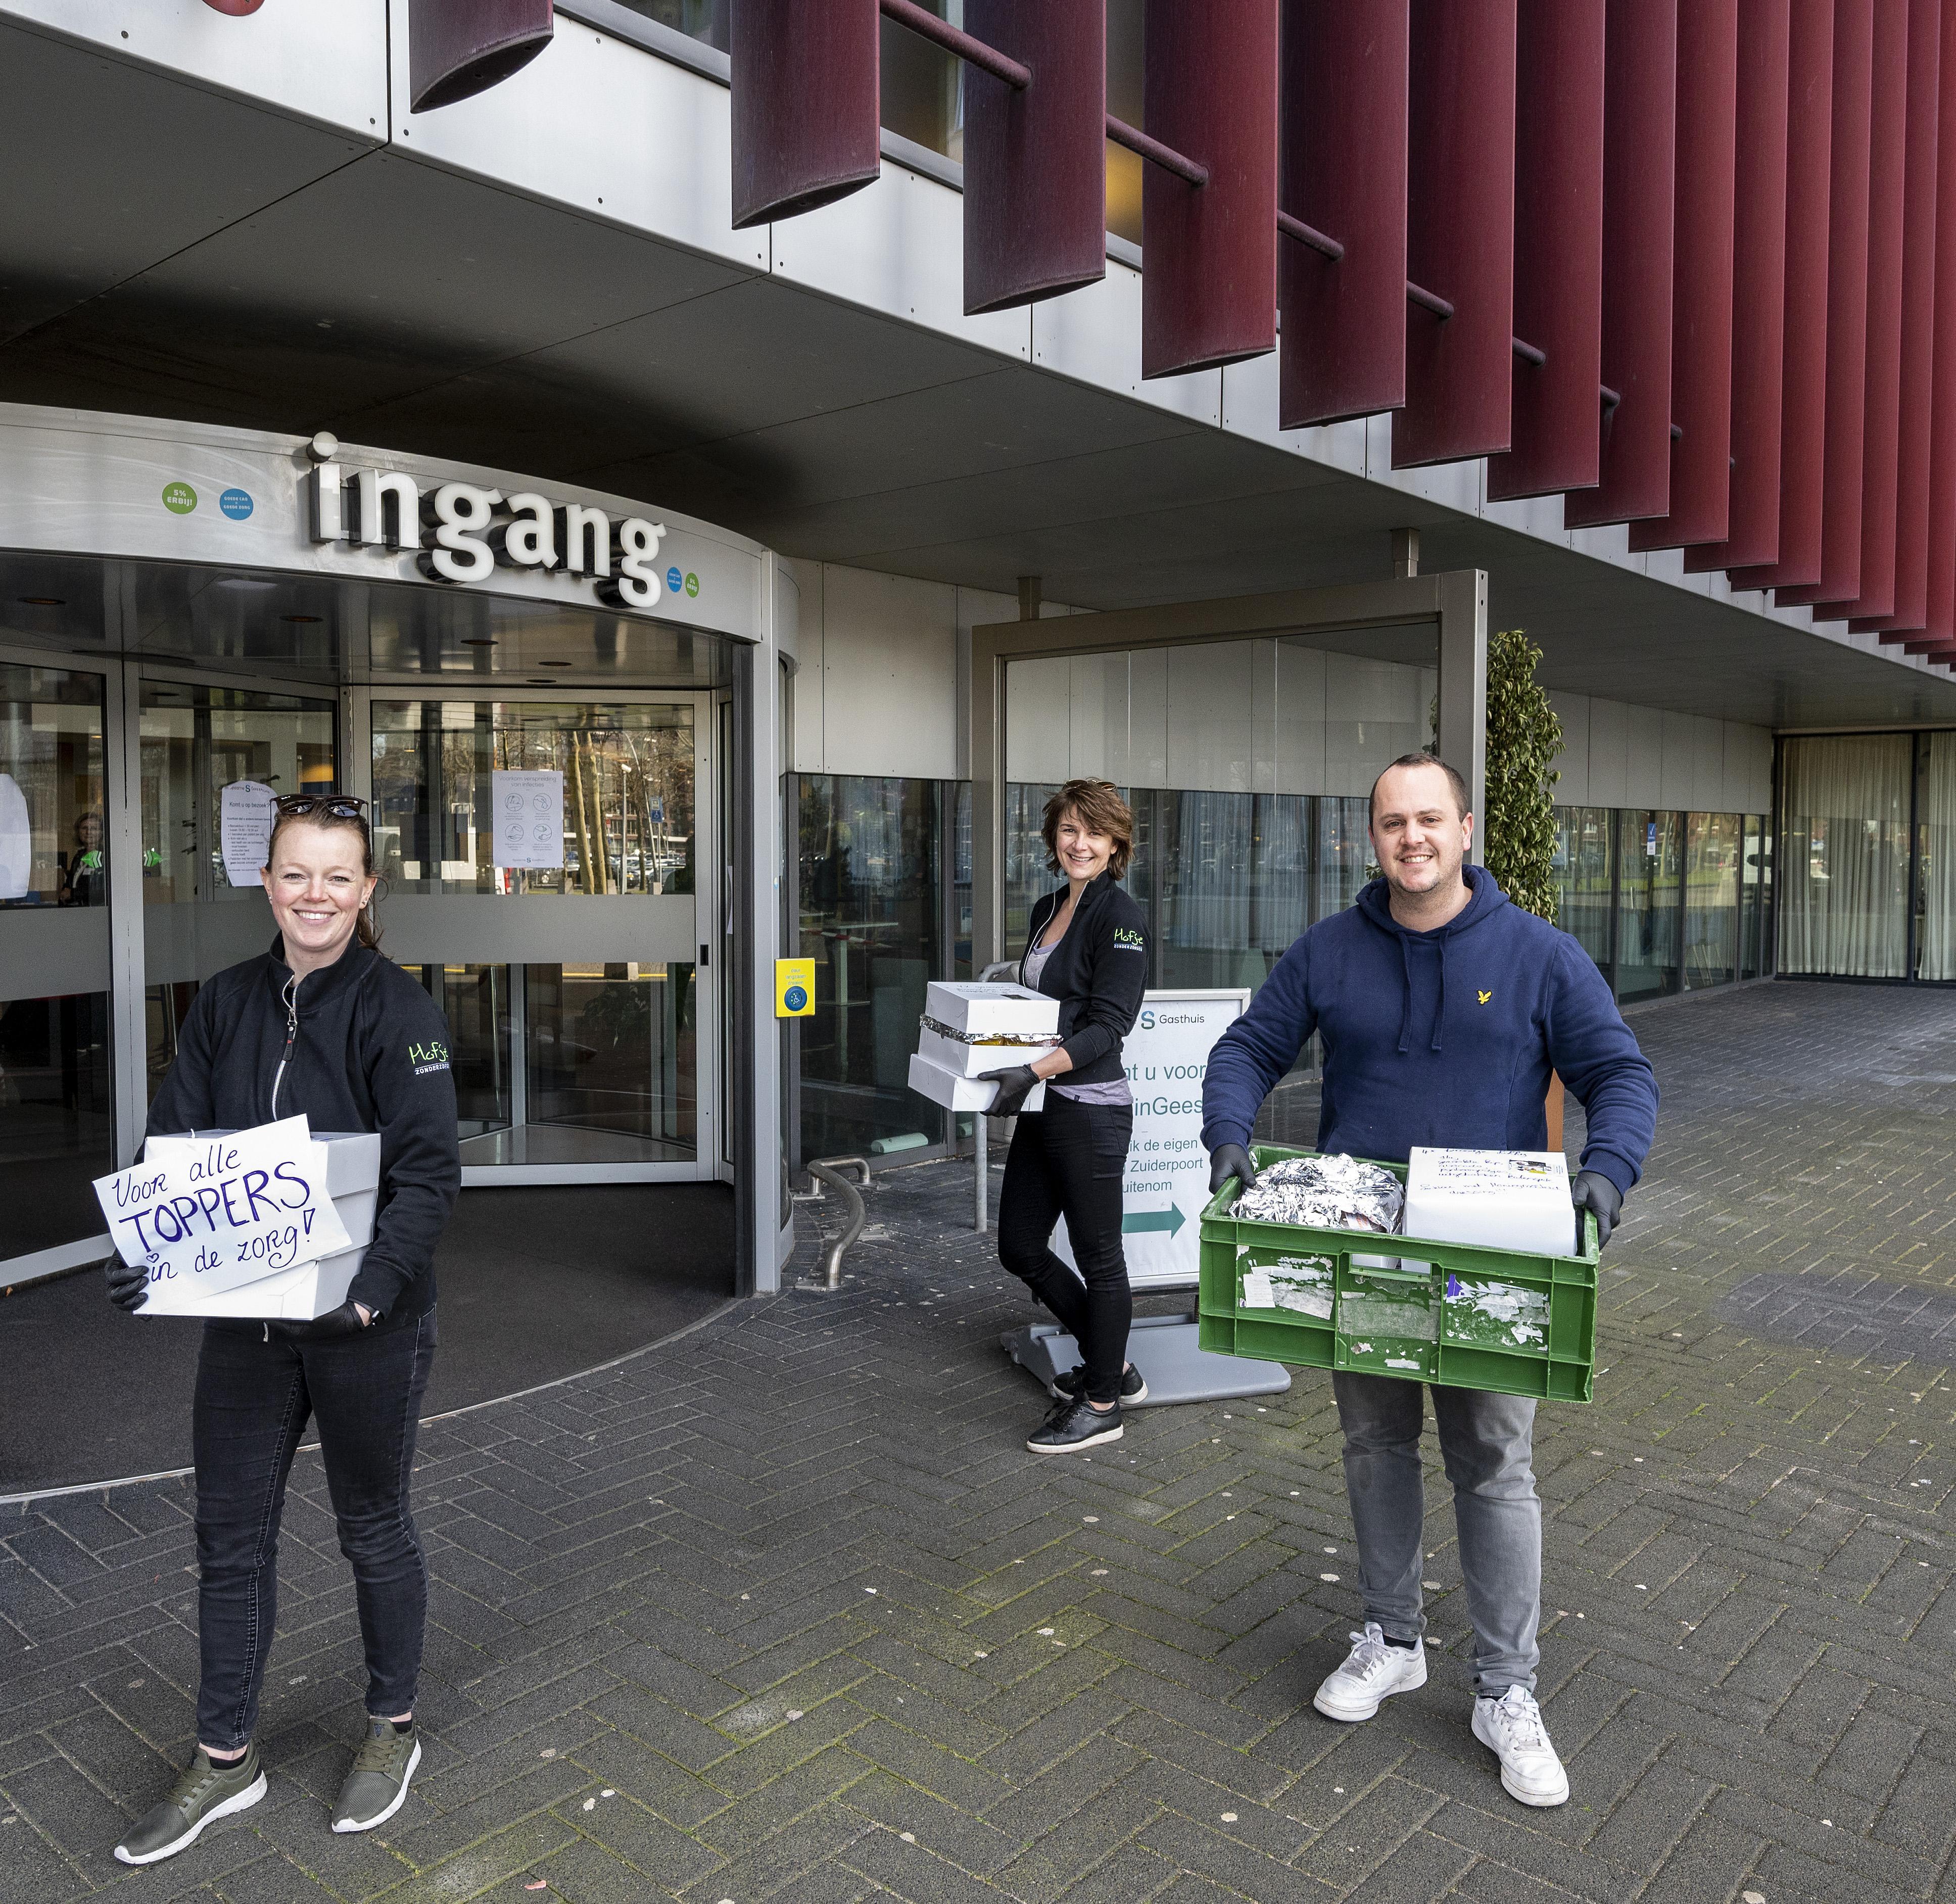 Broodjes en smoothies van Hofje zonder Zorgen voor IC-personeel Spaarne Gasthuis levert 'broodnodige energie'